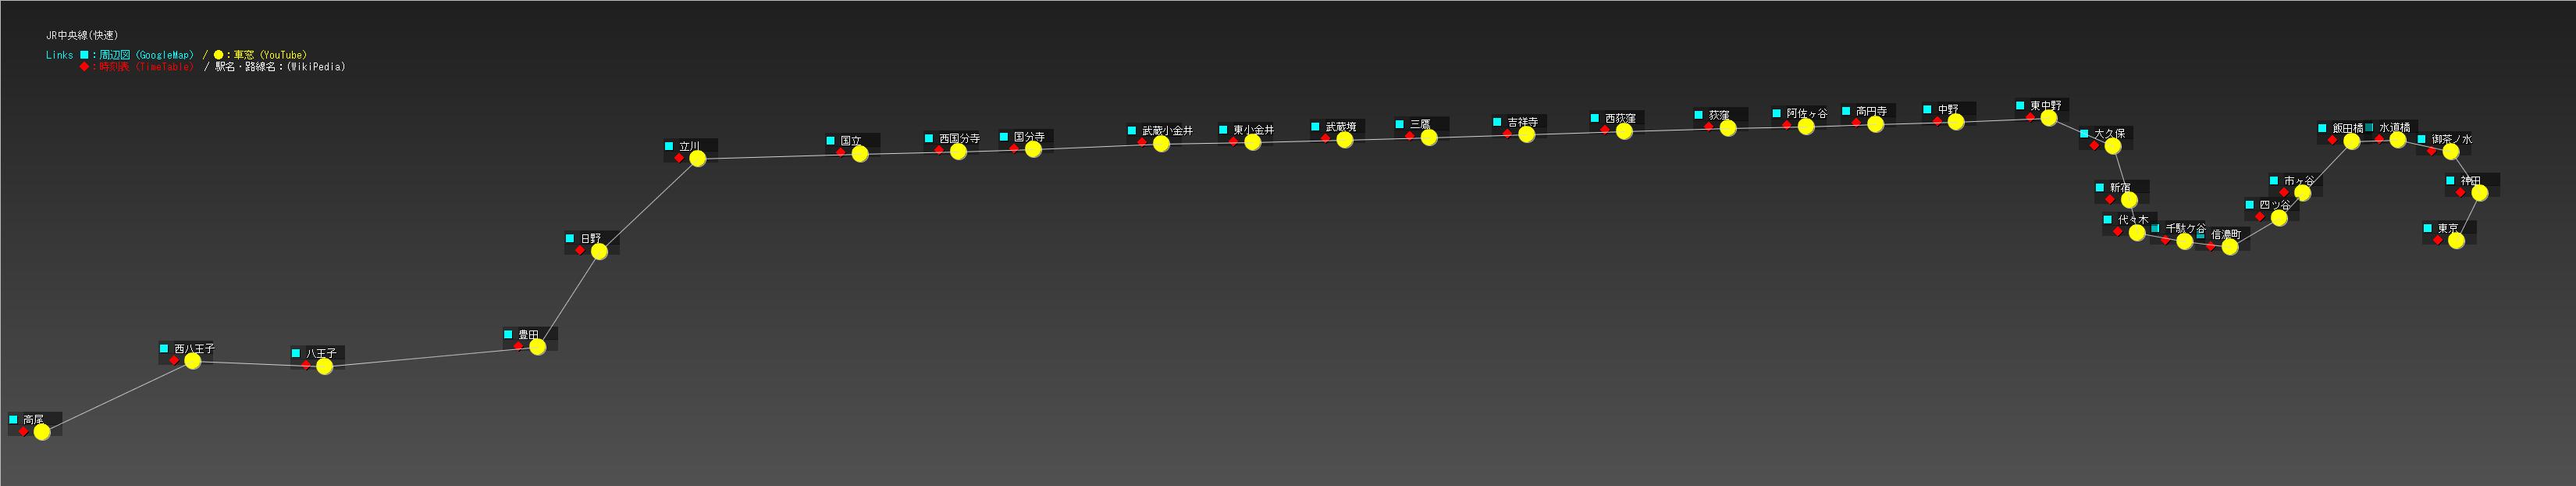 JR中央線(快速)